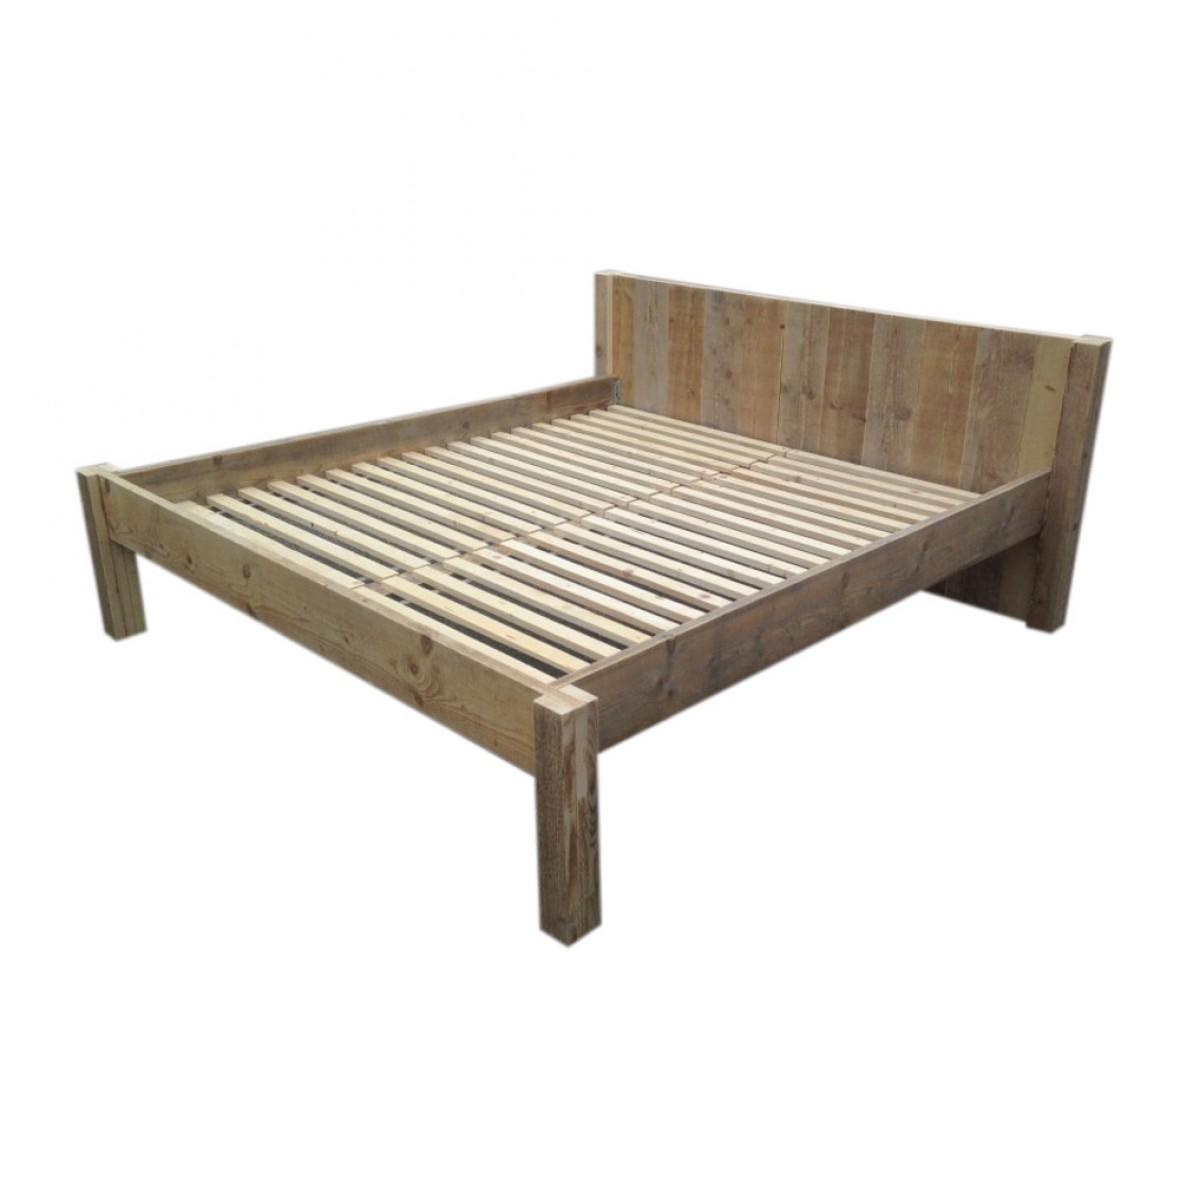 Verwonderend Steigerhouten tweepersoons bed met hoofdbord - Naar uw wens op JX-26